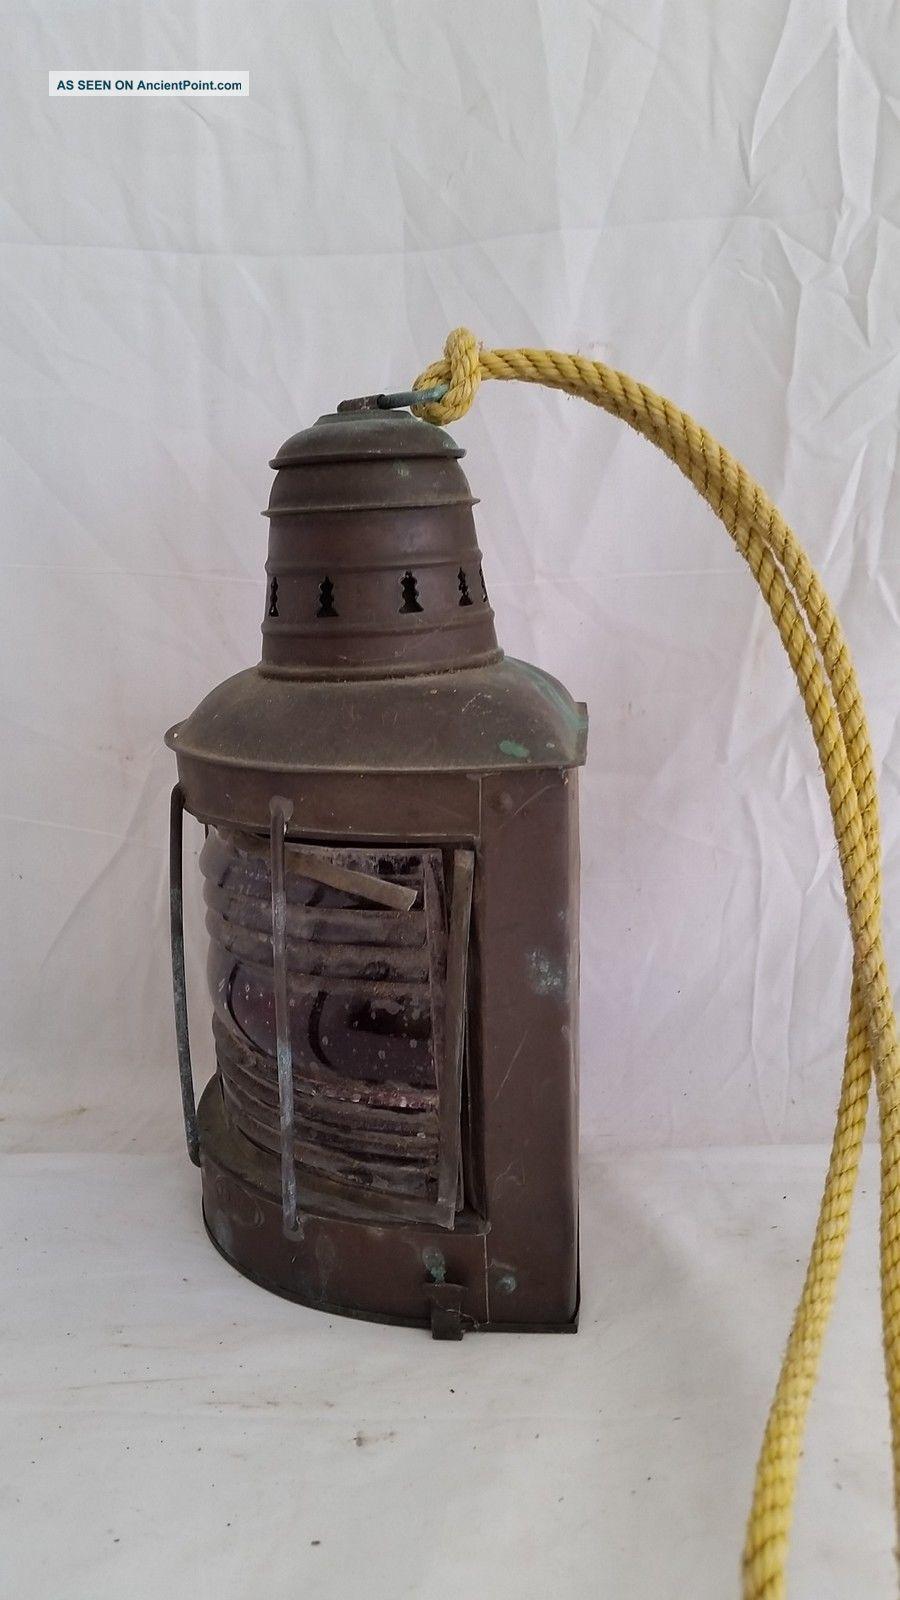 Antique Helvig ' S Copper Ship Red Port Running Light,  Kerosene Lamp,  Fresnel Lens Lamps & Lighting photo